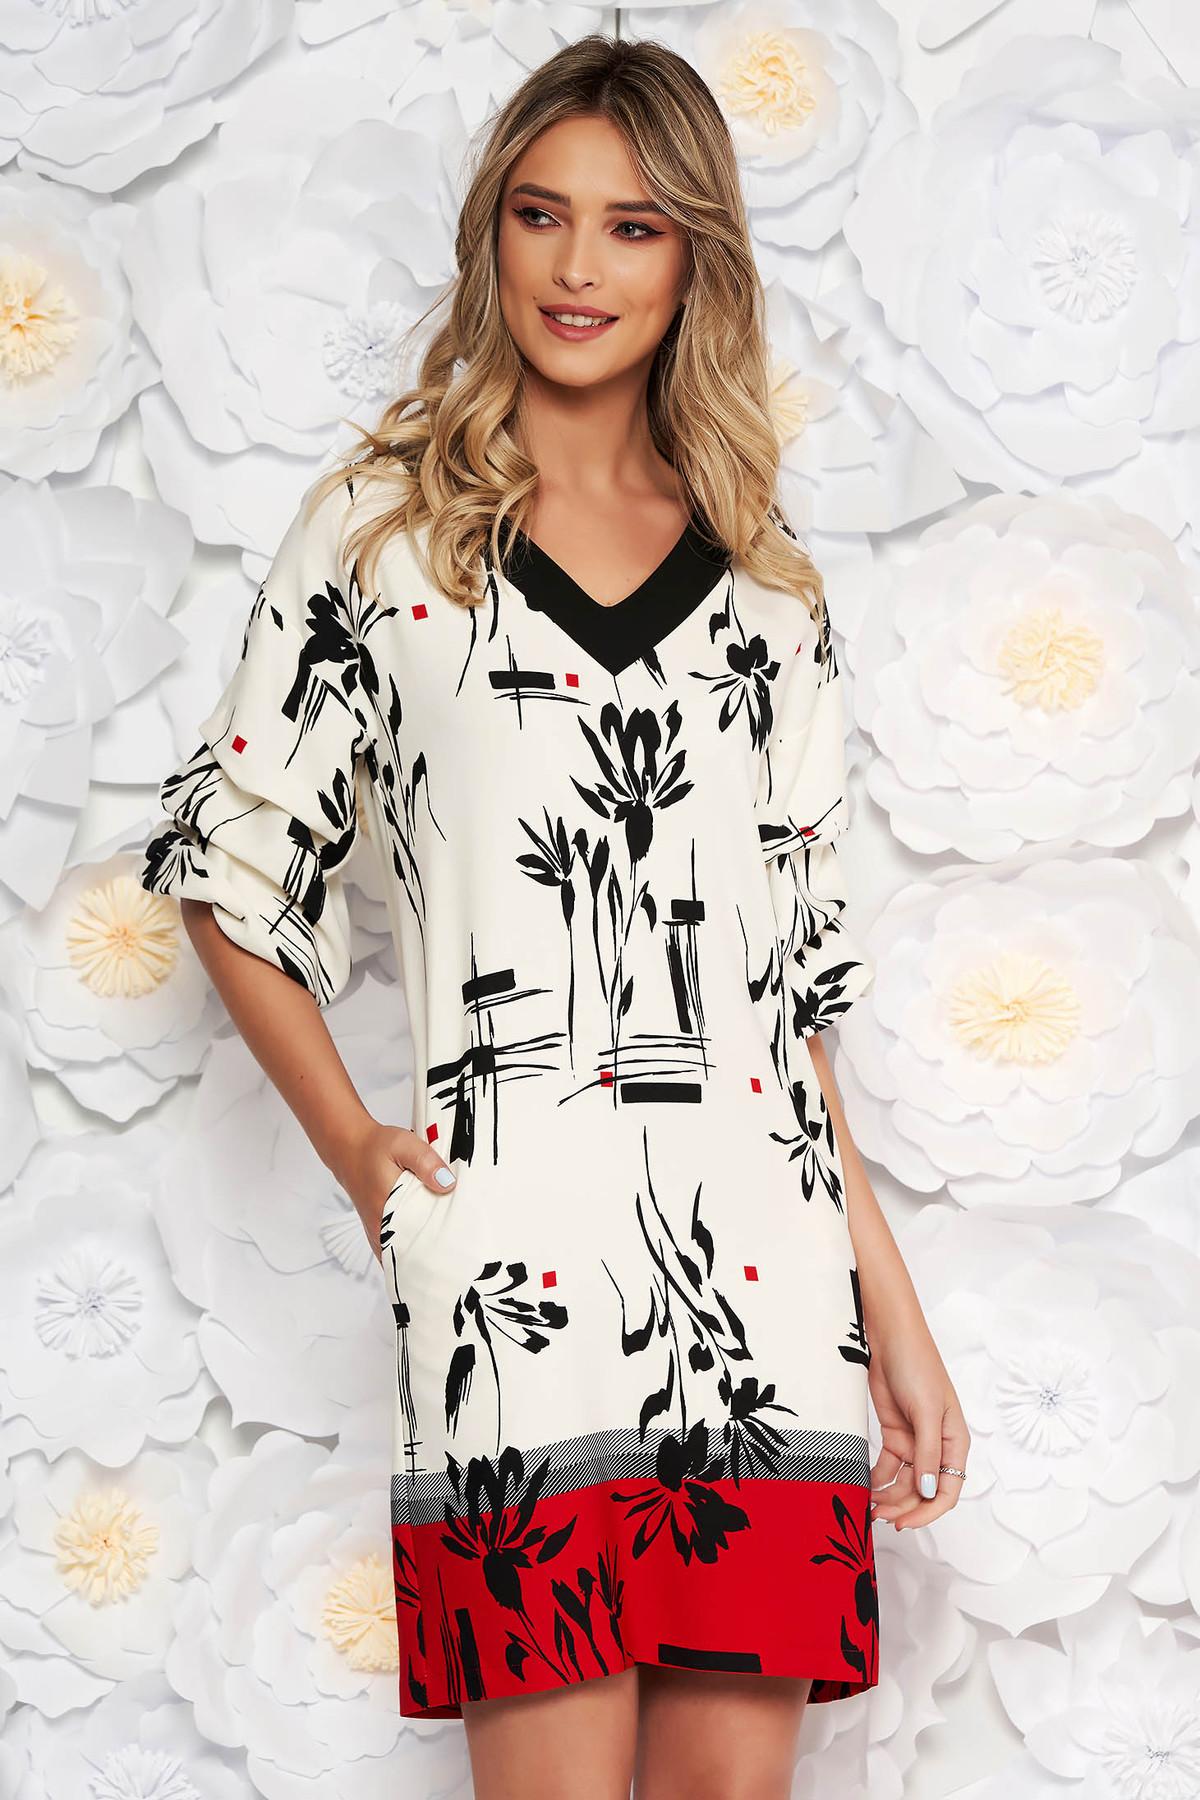 Rochie LaDonna alba cu accente rosii eleganta de zi cu un croi drept cu maneca 3/4 din material usor elastic cu imprimeuri florale